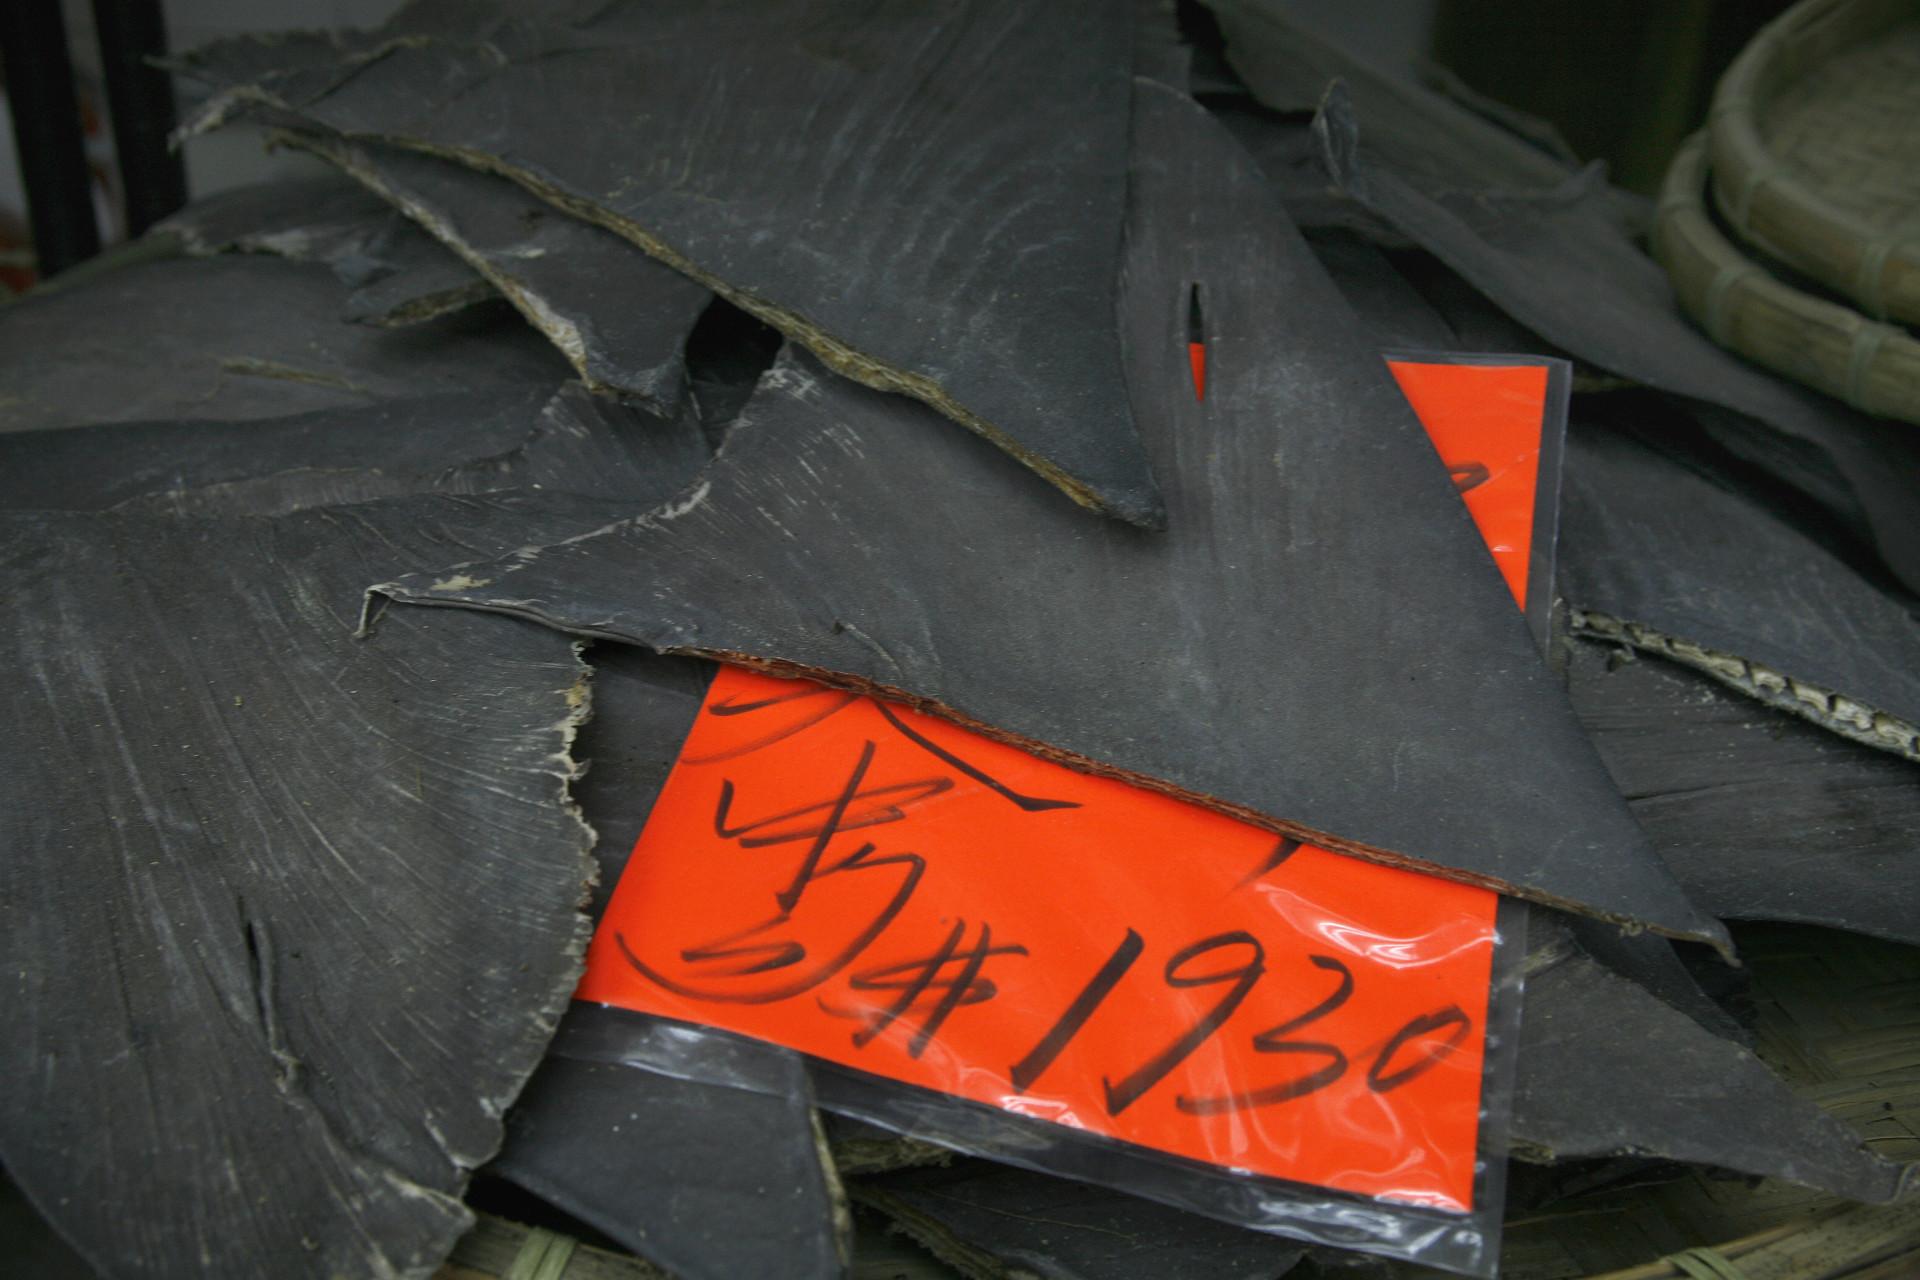 Shark fins await sorting in a Hong Kong warehouse.